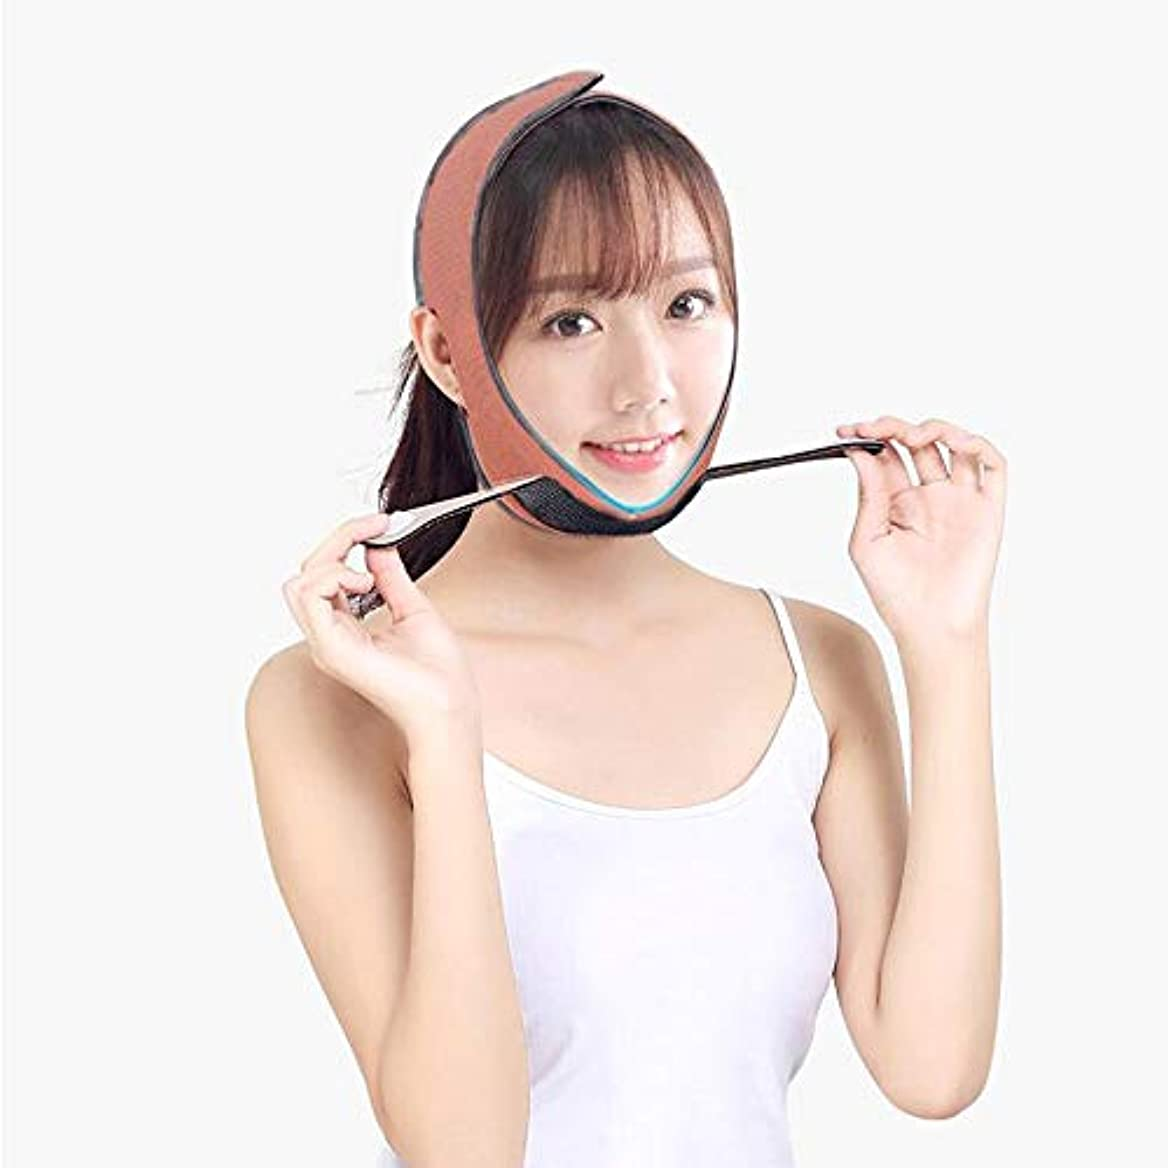 つなぐ乱雑な引退するGYZ フェイシャルリフティングスリミングベルト - 薄いフェイス包帯Vフェイス包帯マスクフェイシャルマッサージャー無料整形マスク顔と首の顔を引き締めますスリム Thin Face Belt